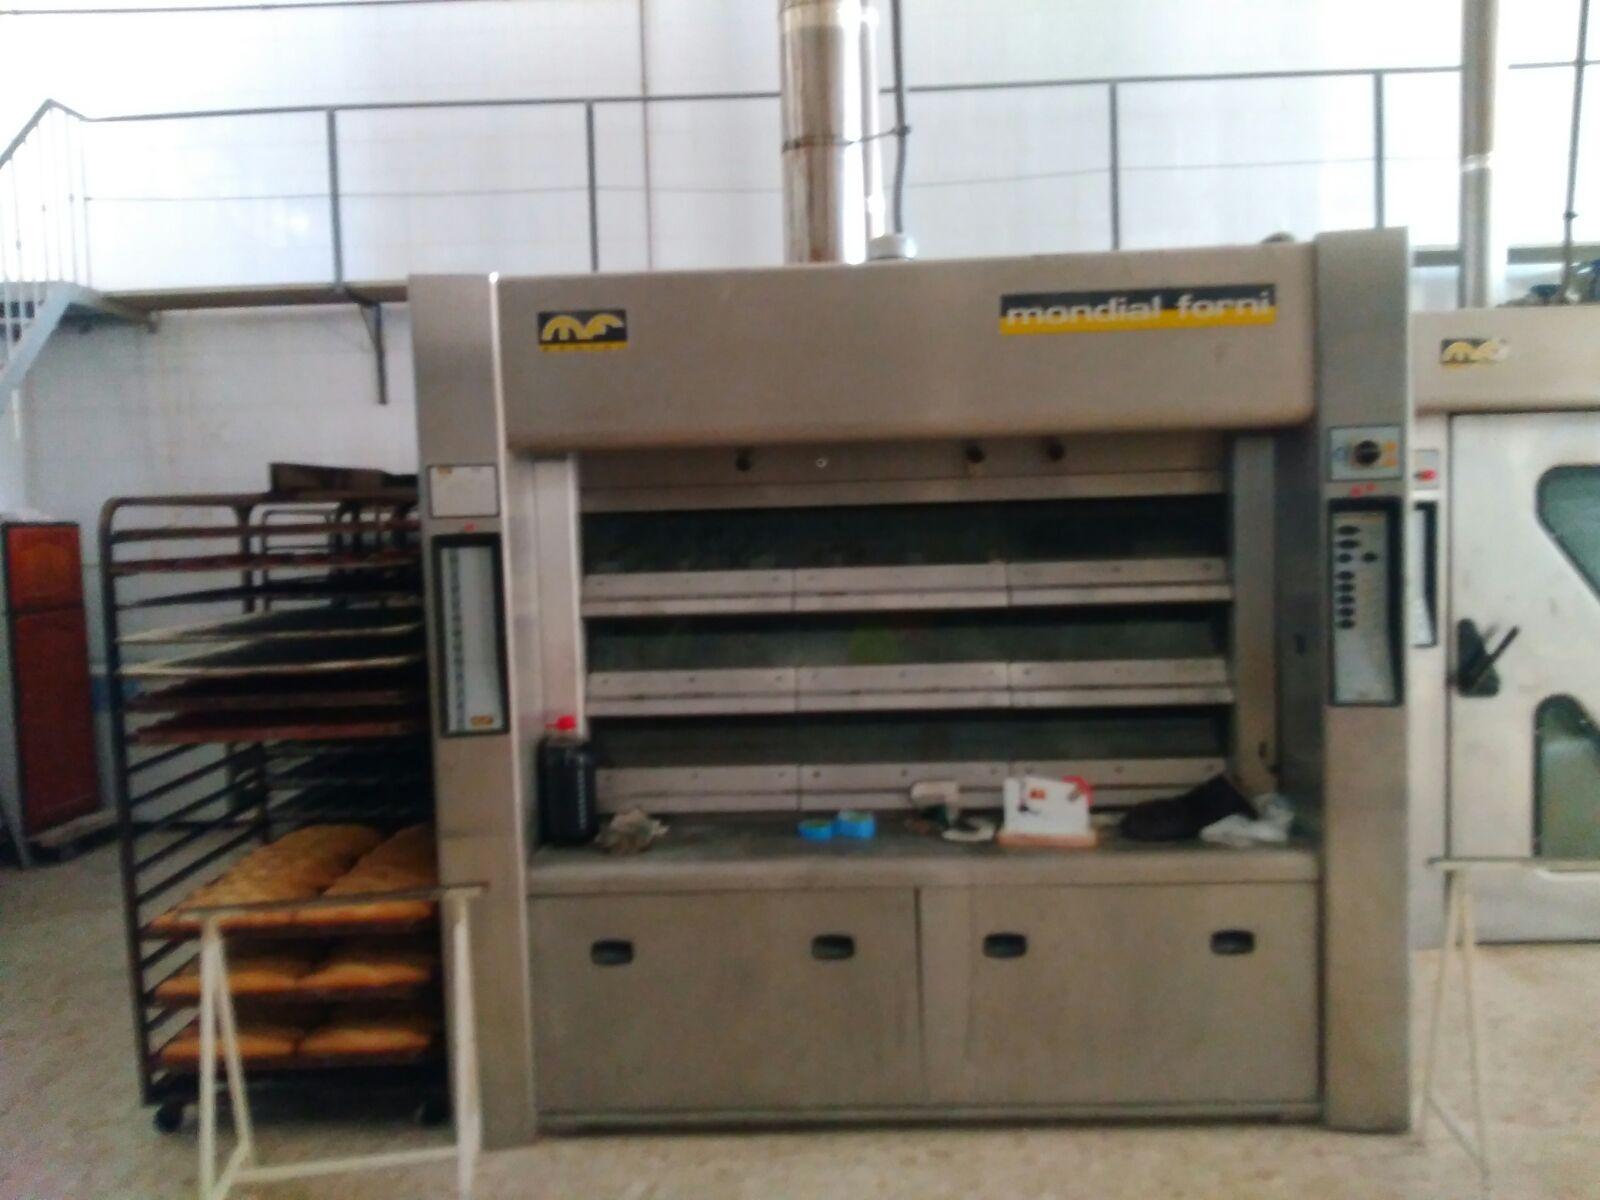 Horno pisos mondial forni segunda mano maquinaria panaderia for Horno hosteleria segunda mano